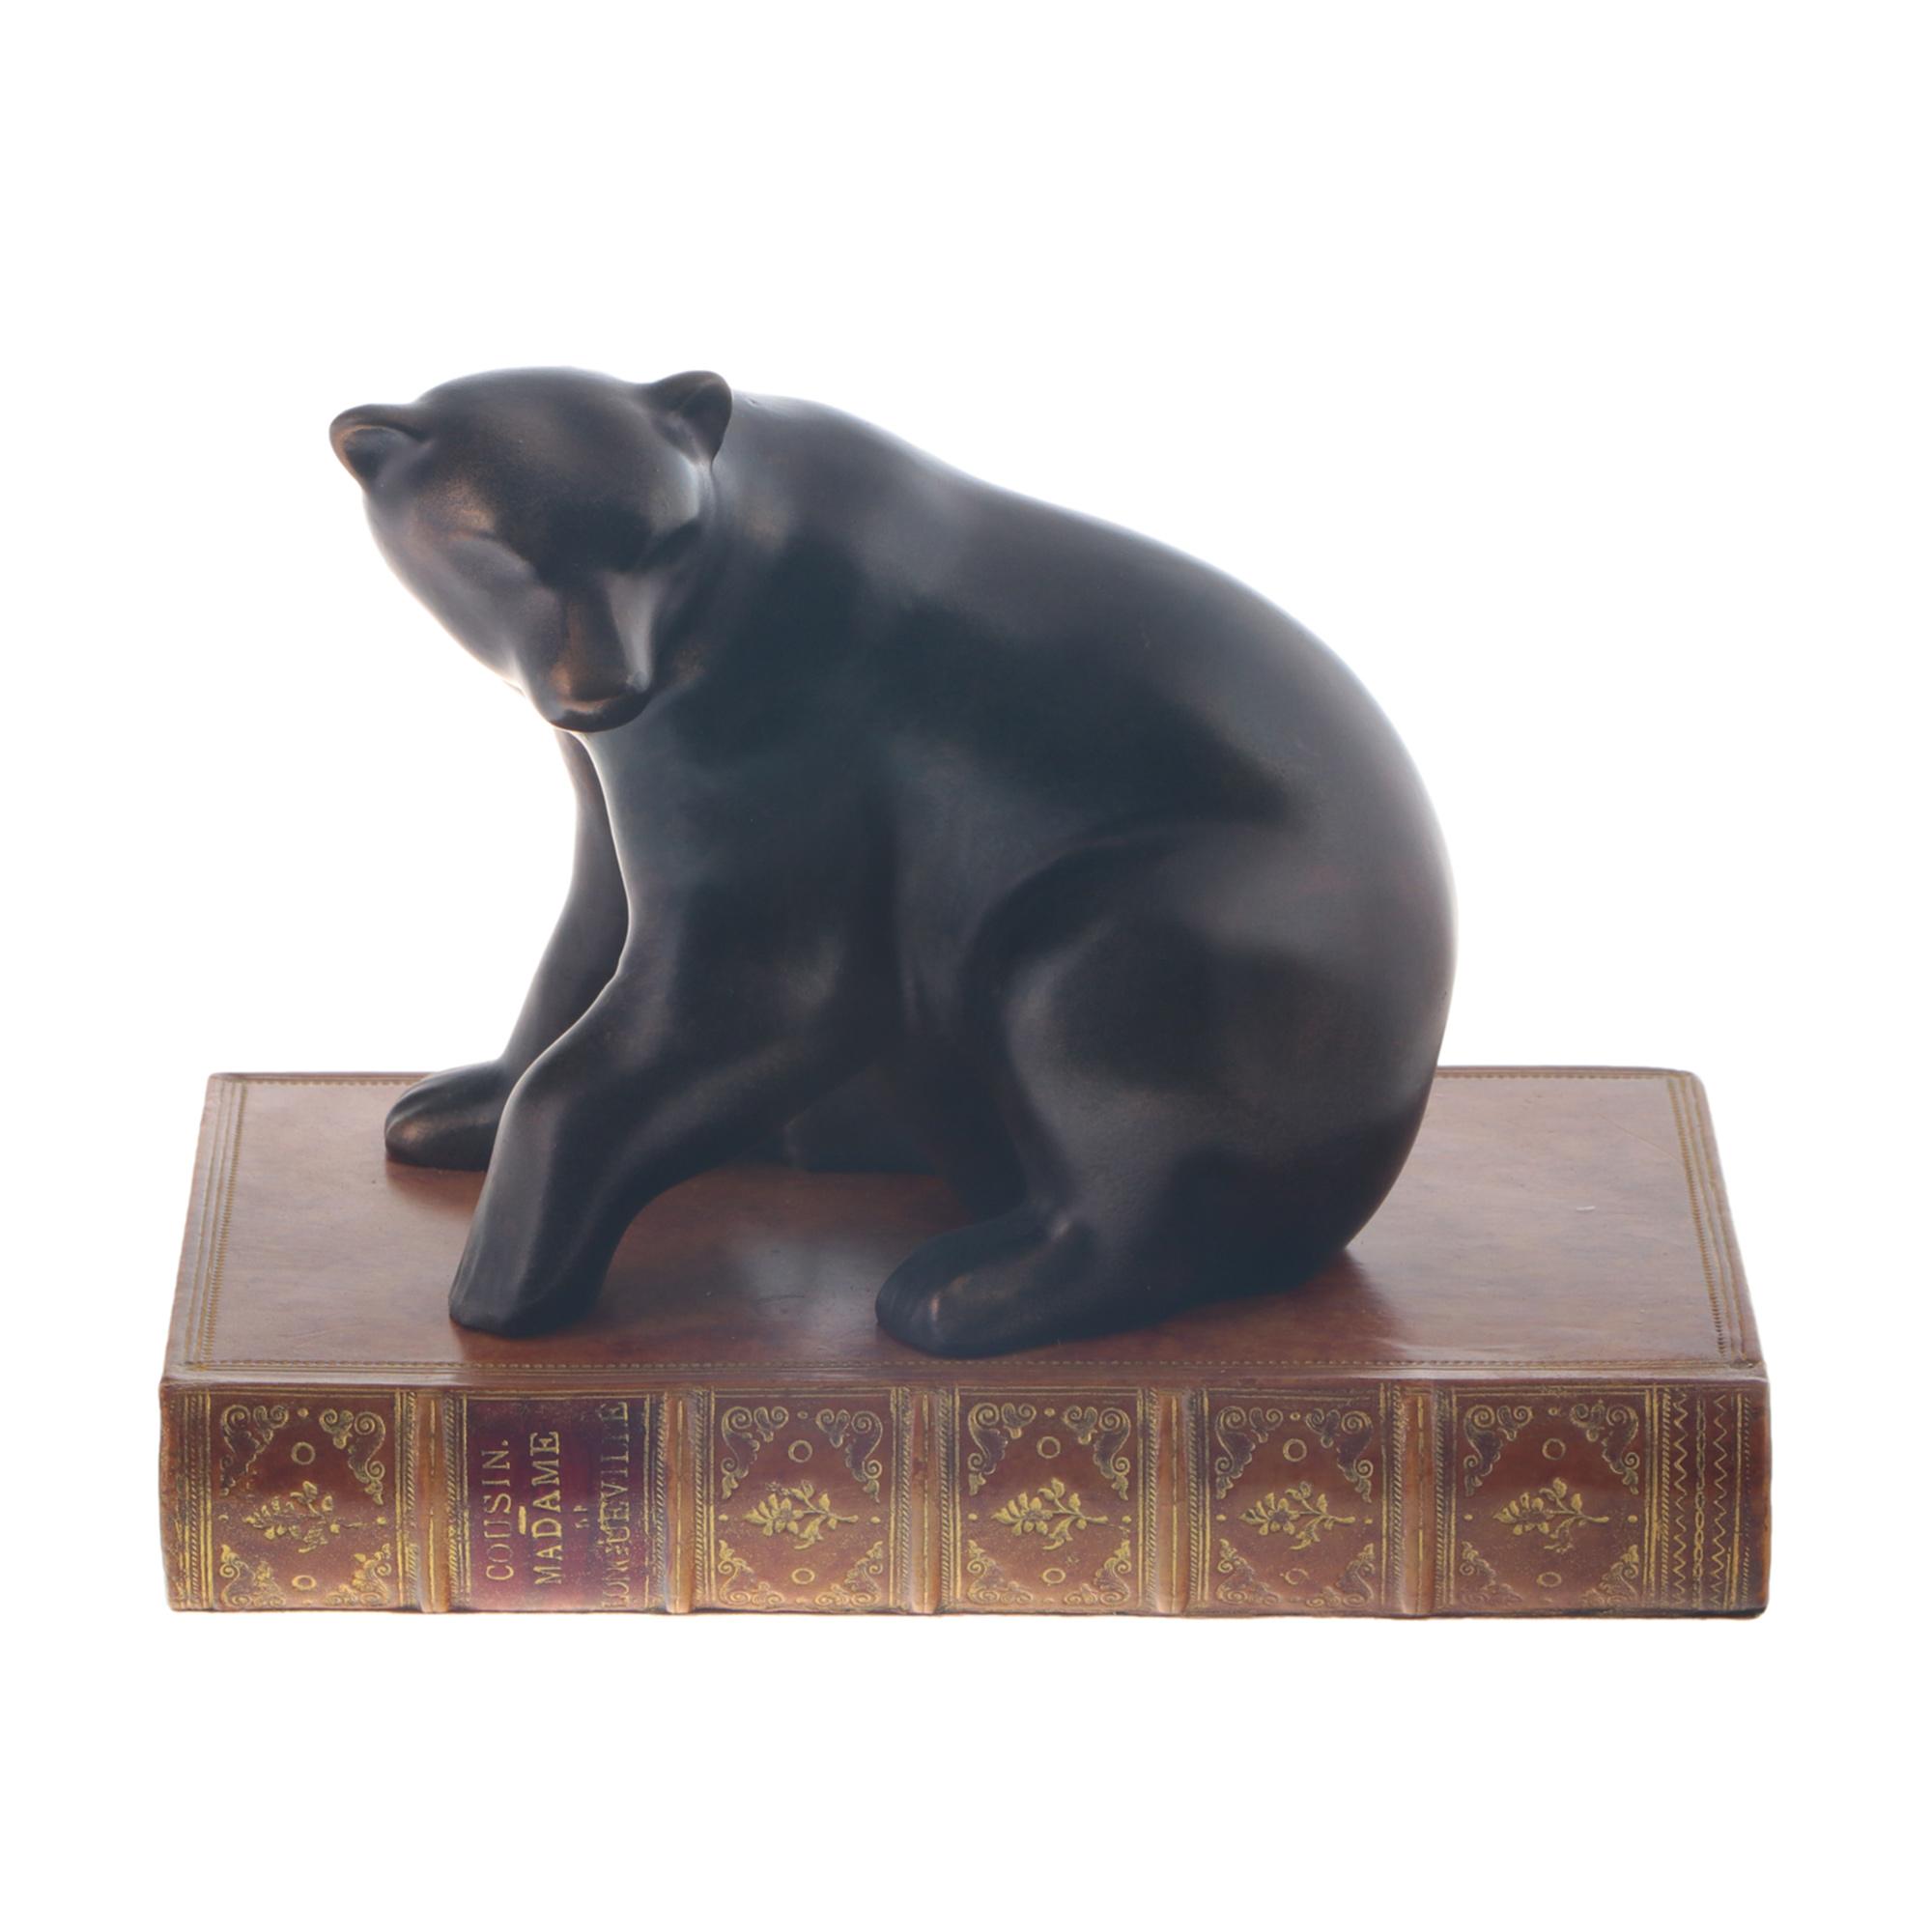 Пресс для бумаг Obw медведь фото